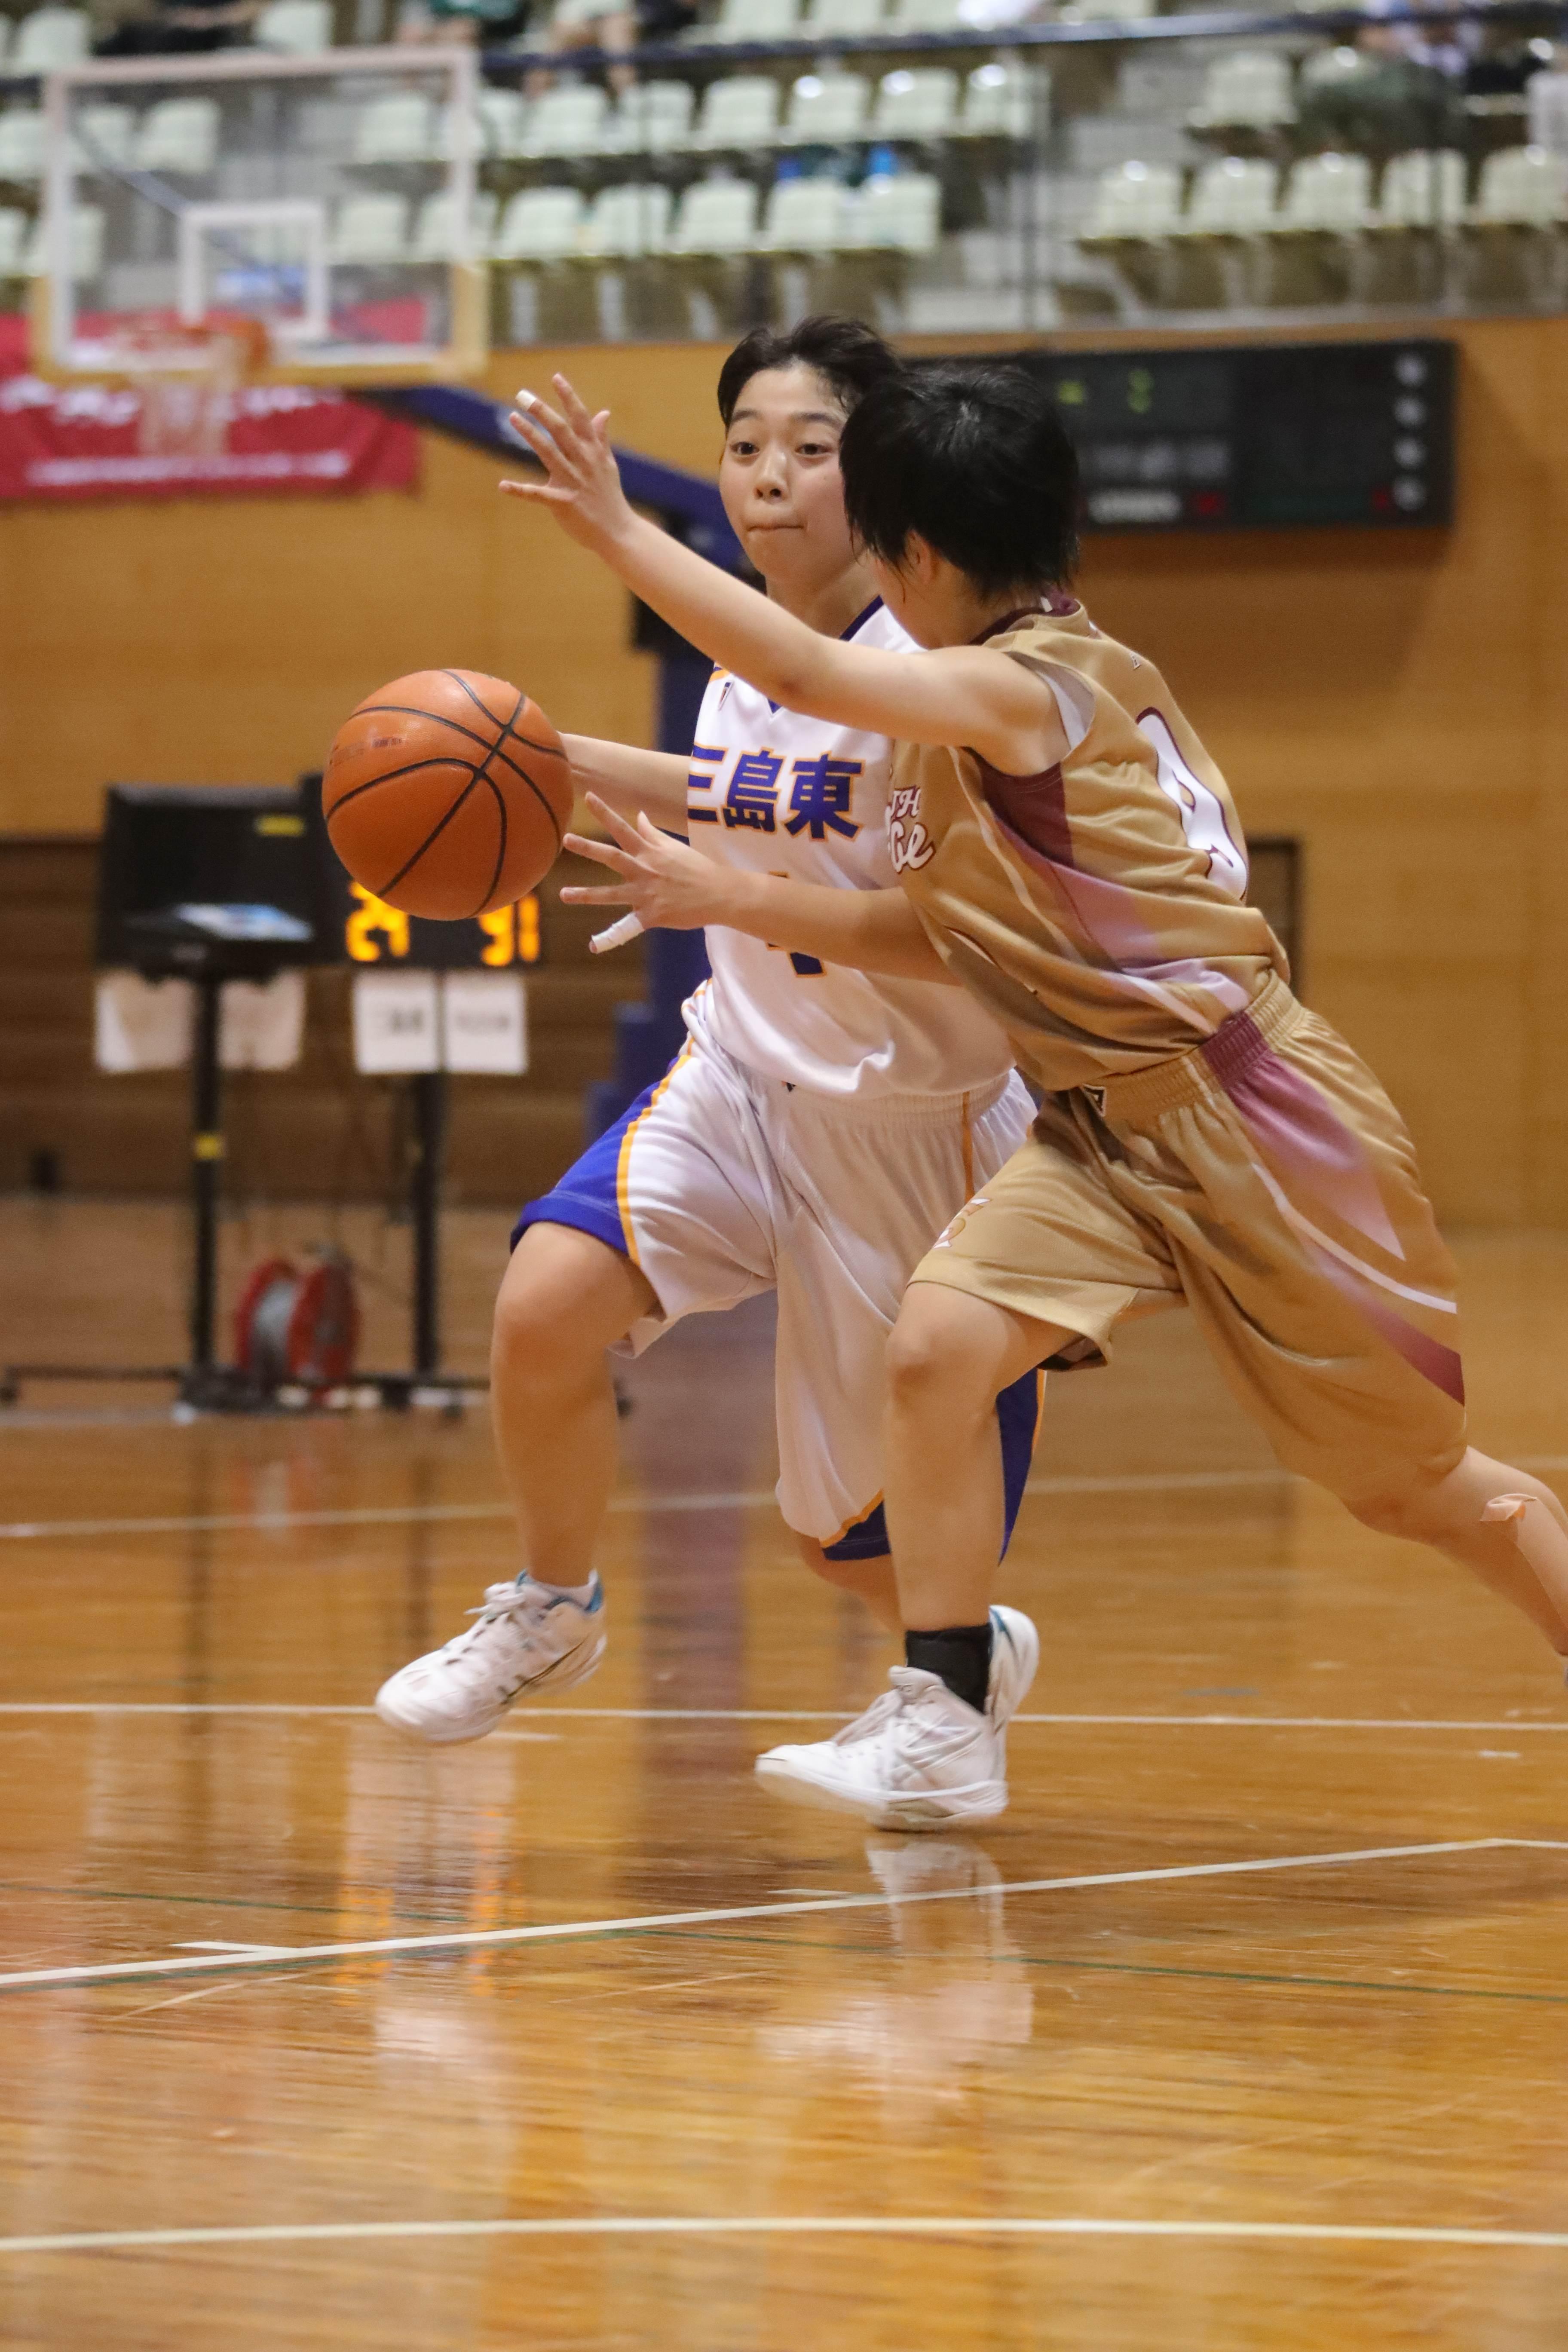 バスケットボール (40)